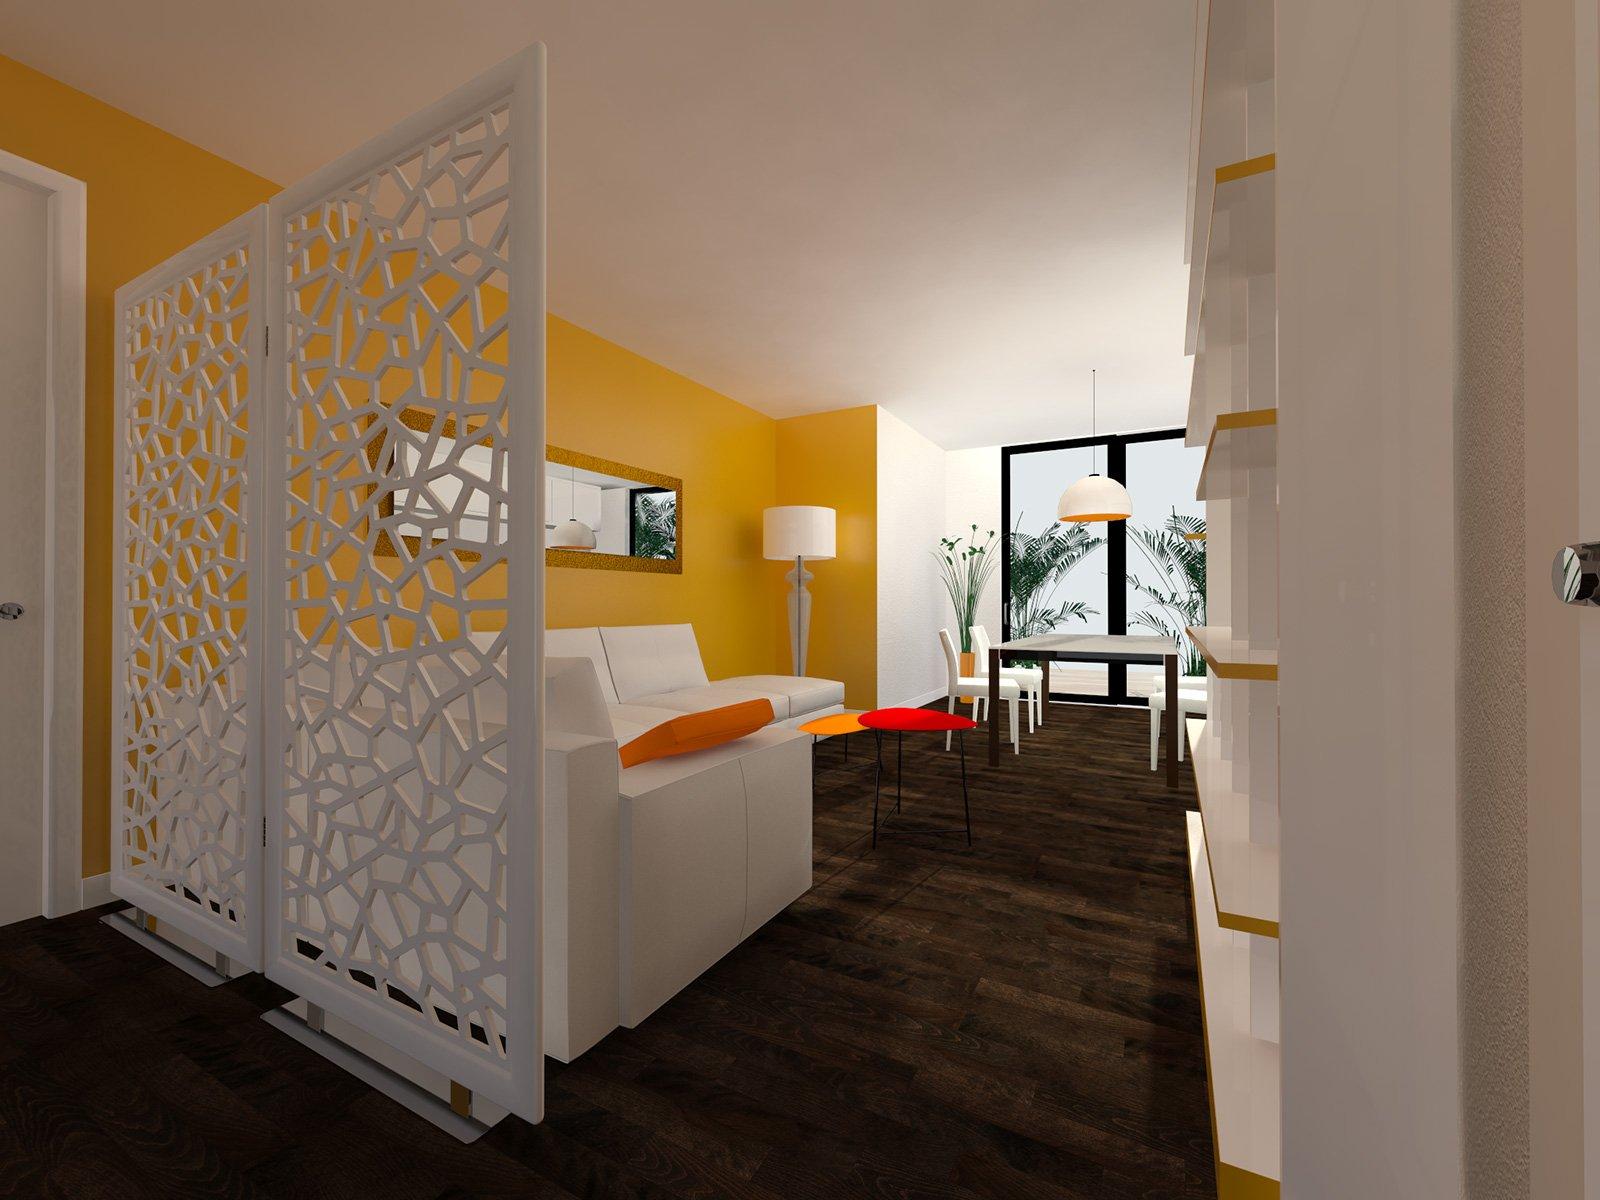 Come dividere ingresso e soggiorno pianta e prospetto in for Idee per dividere cucina e soggiorno